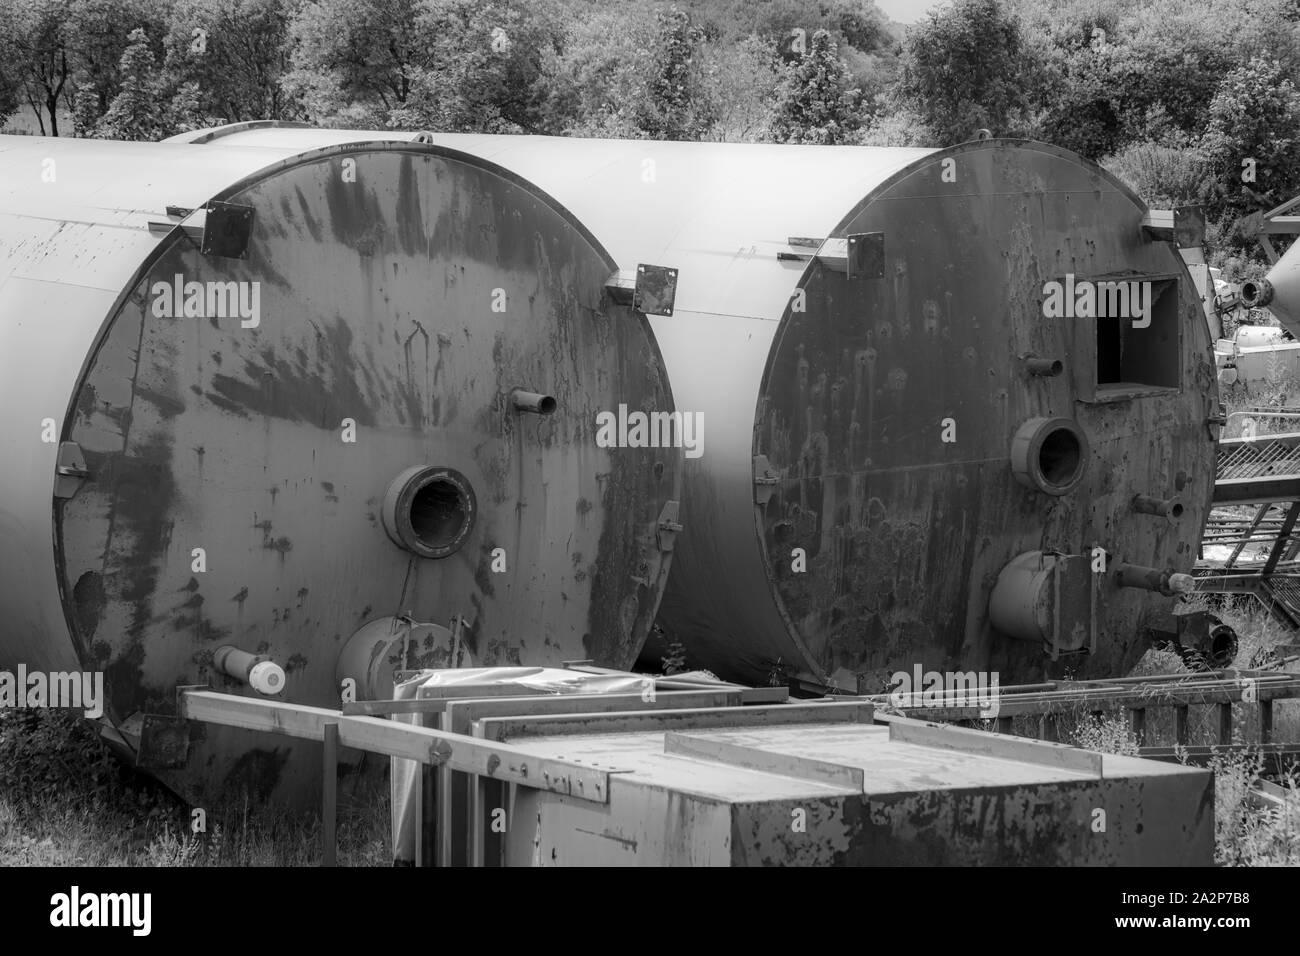 Les silos et usine de fabrication industrielle de Hoben International Ltd située à côté du sentier de crête élevée près de Brassington, Peak District, Derbyshire, Royaume-Uni Banque D'Images